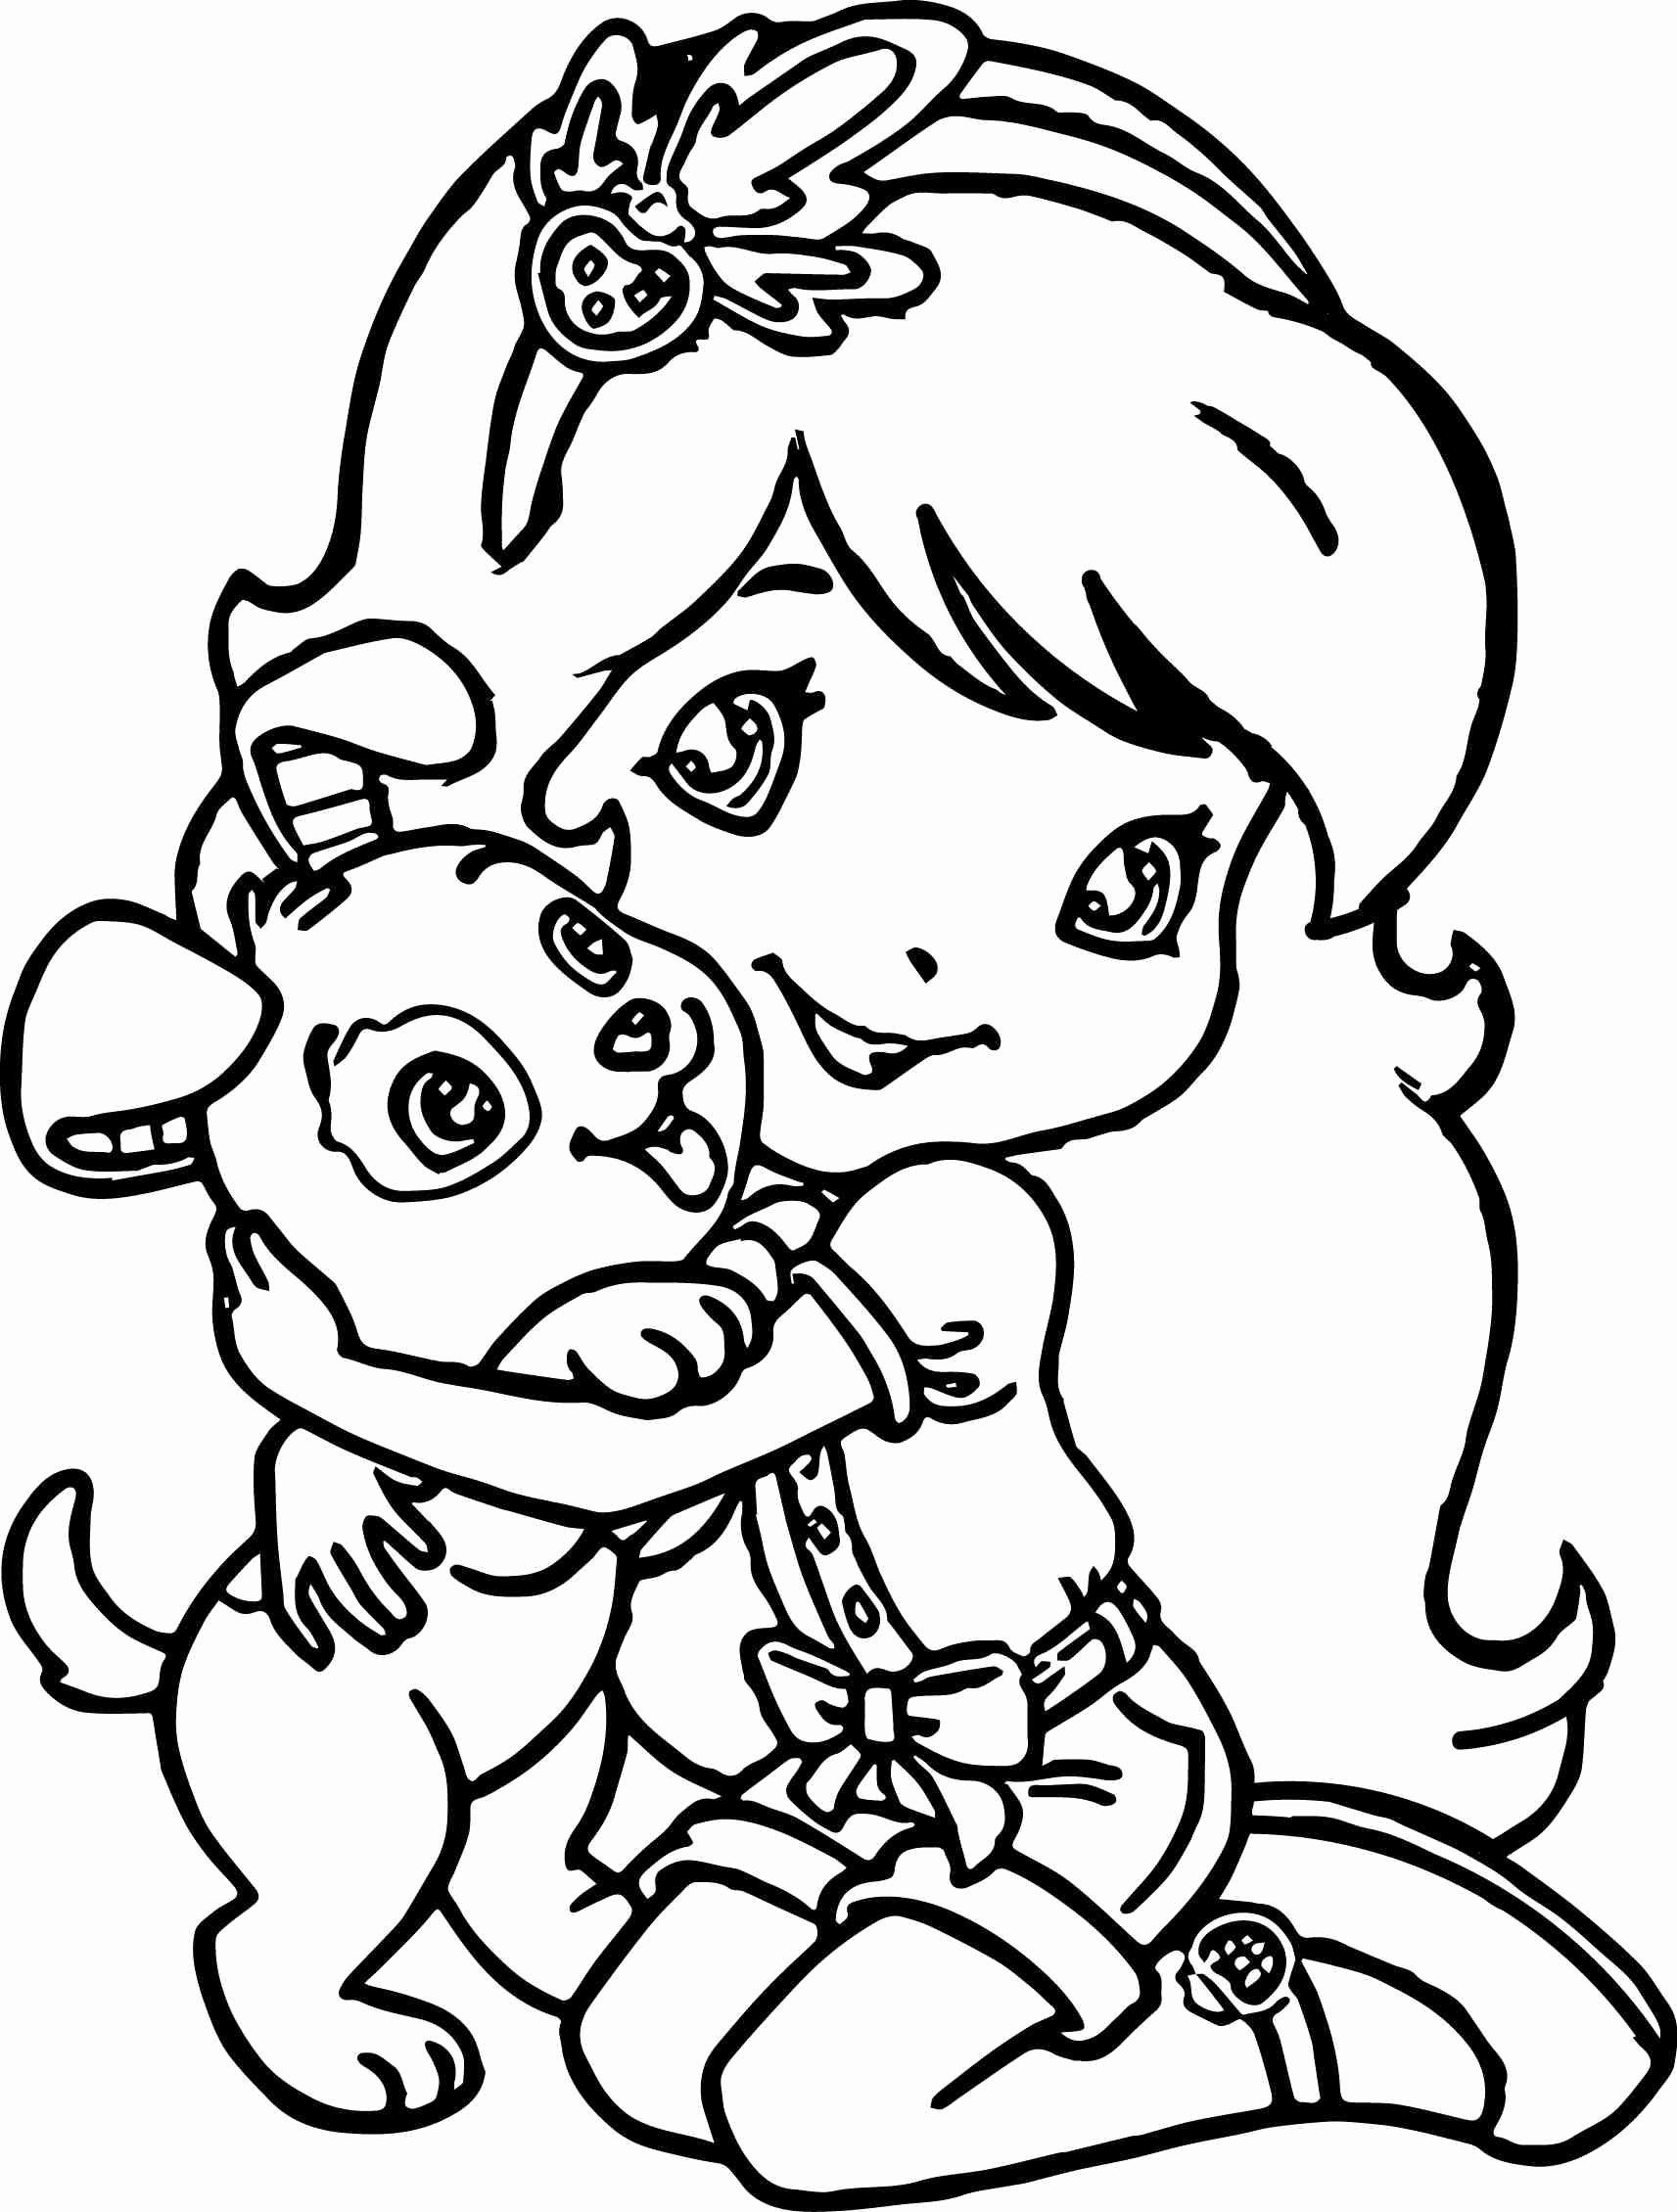 Coloring Sheets For Girls Elegant Superb Coloring Coloring Pages For Girls Dogs Puppy Coloring Pages Dog Coloring Page Witch Coloring Pages